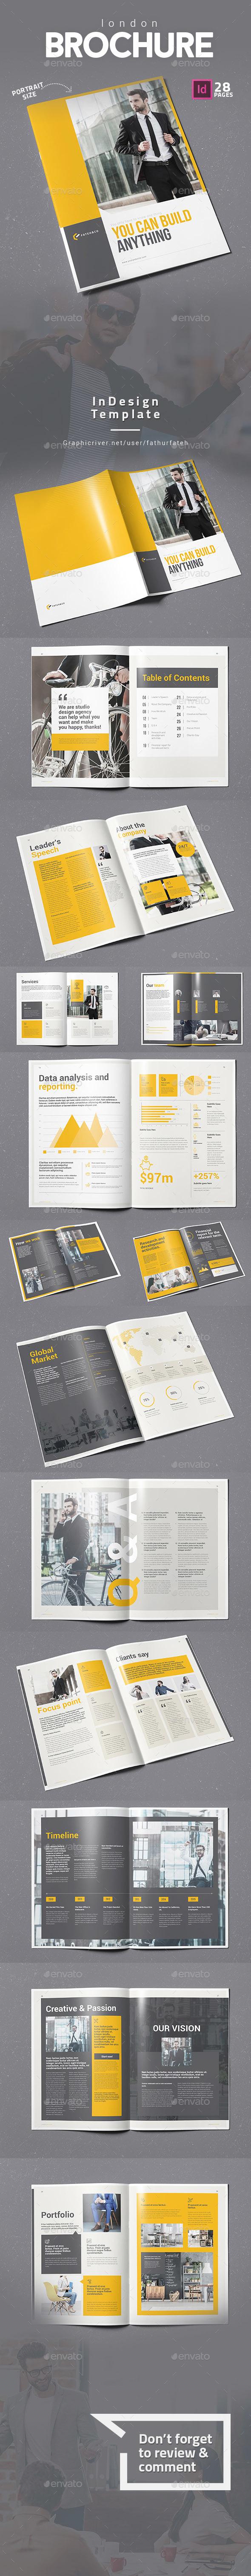 London Brochure - Corporate Brochures